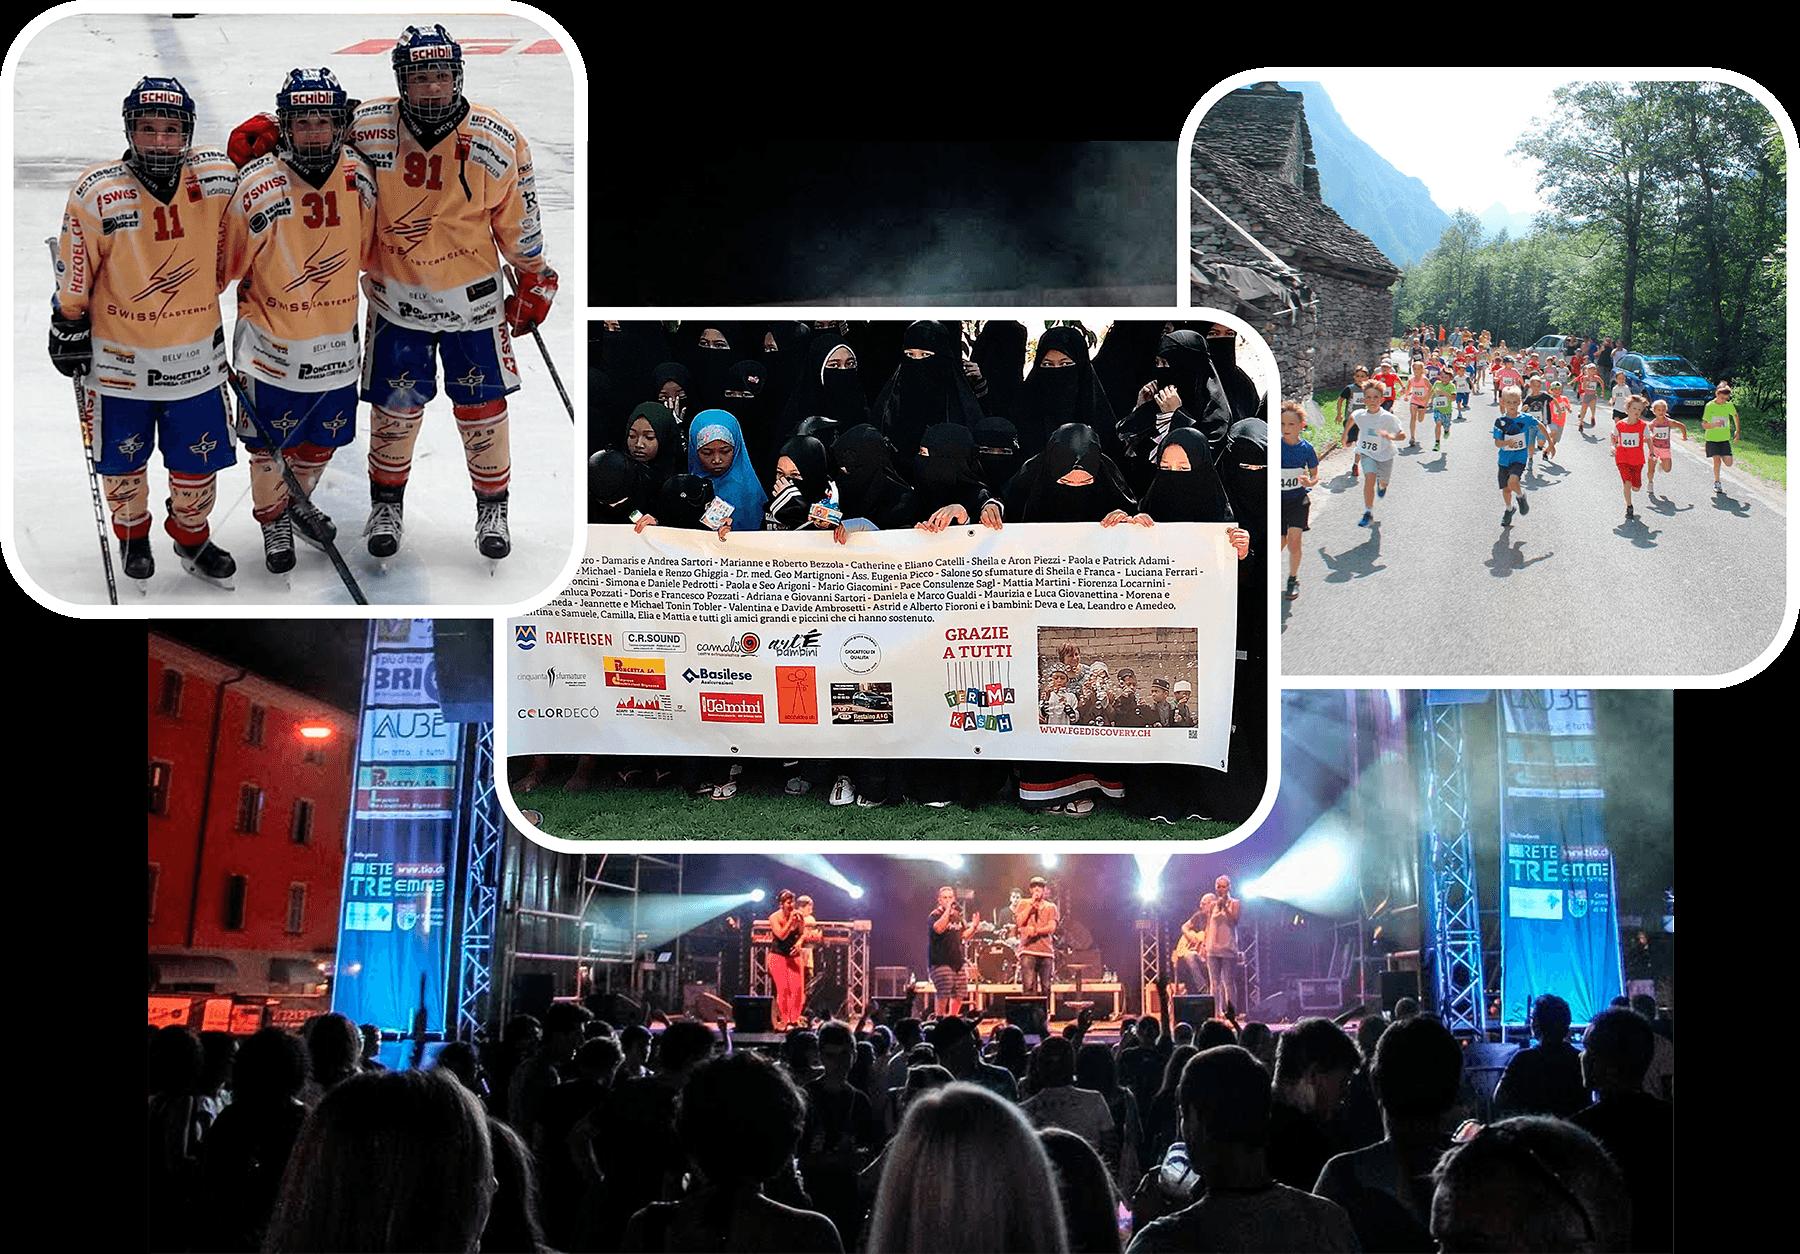 Sosteniamo Ragazzi Hockey, aiuto umanitario, corsa d'orientamento, eventi di beneficienza